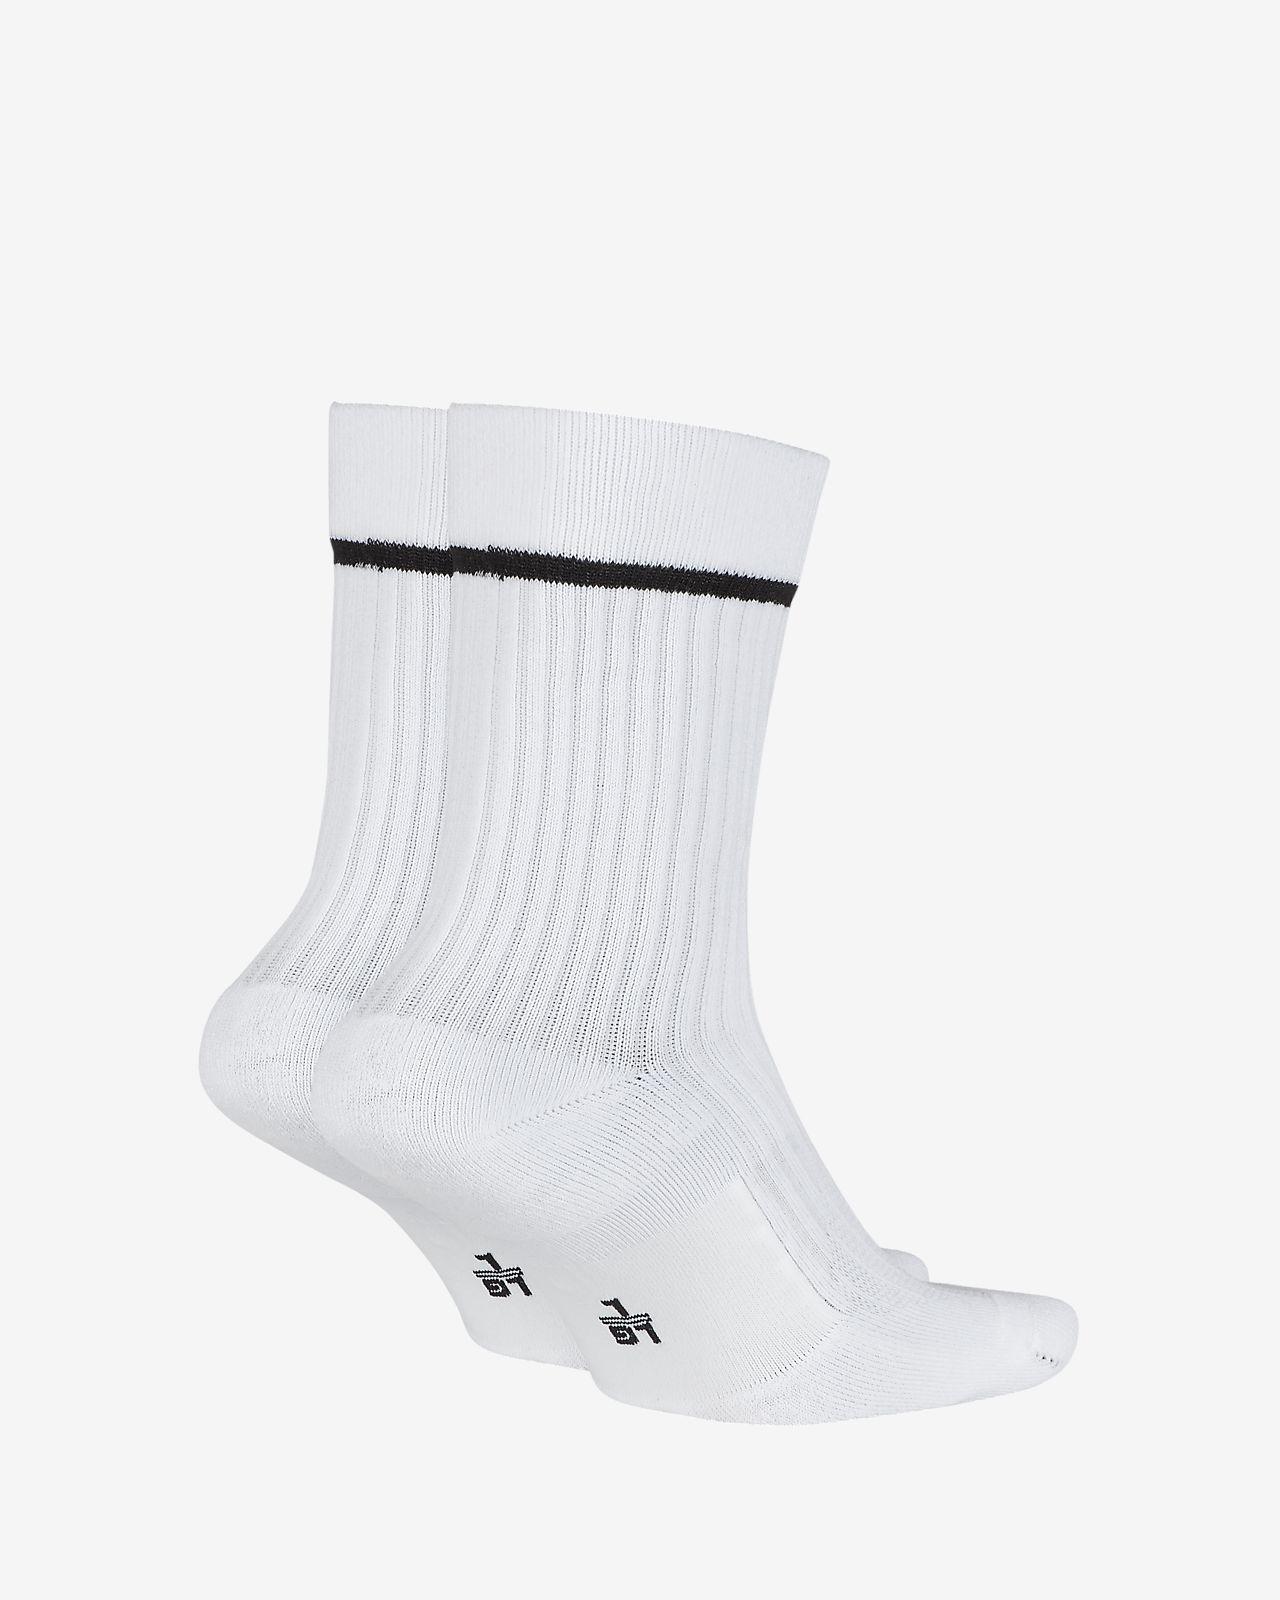 nike air max sokker hvit